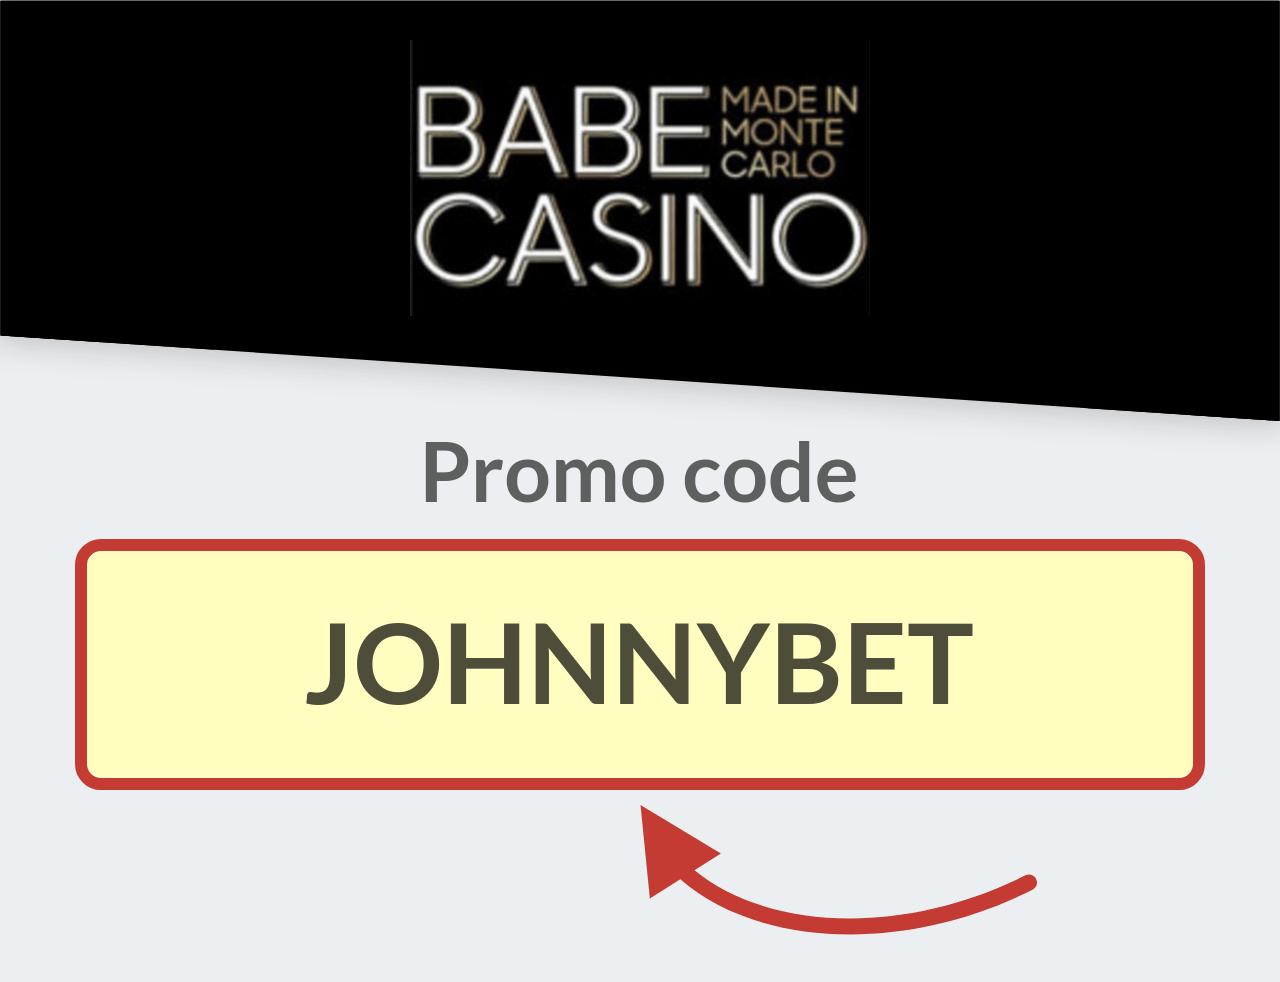 Babe Casino Promo Code